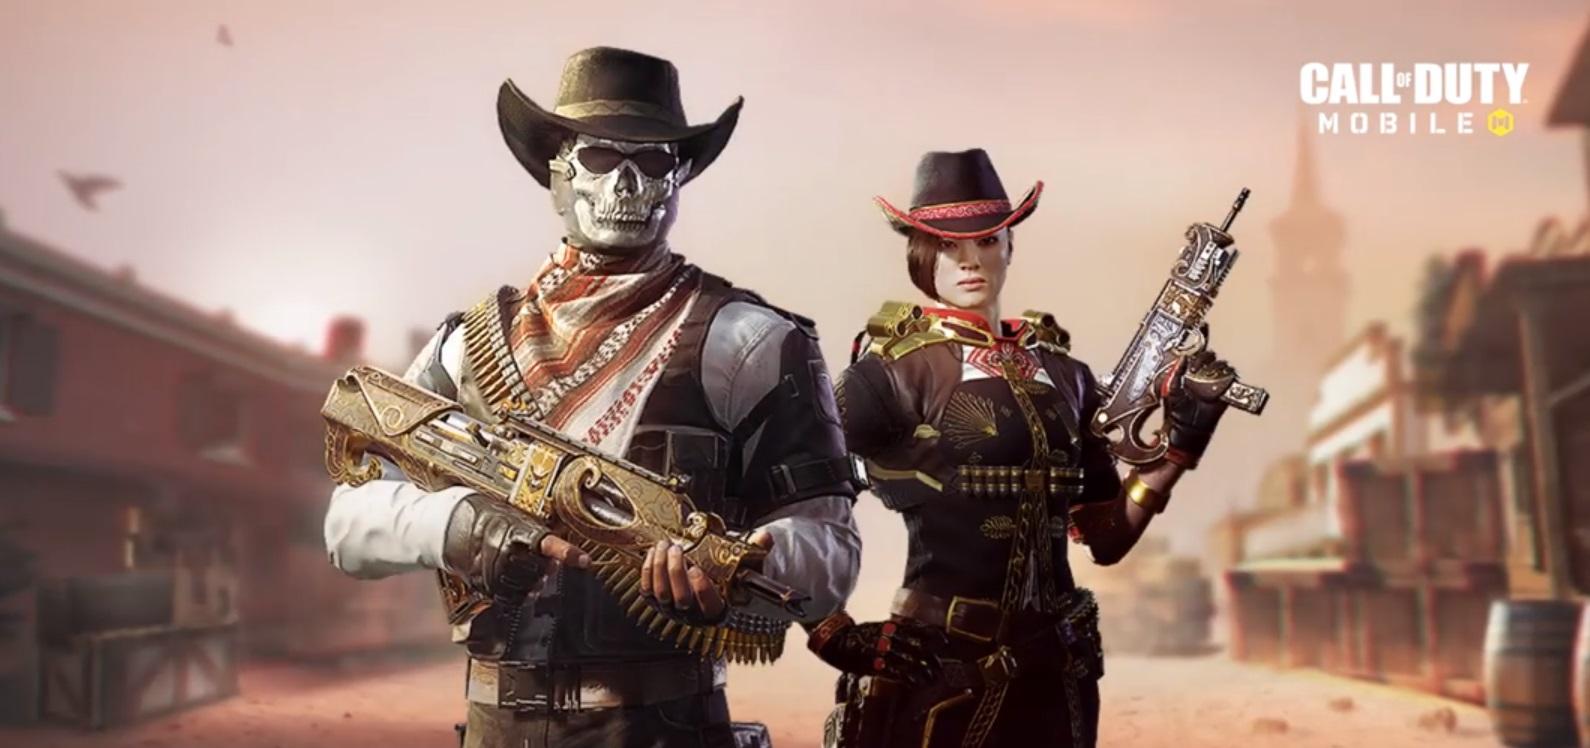 Call Of Duty: Mobile Musim 6 Terima Kemaskini Bertemakan Koboi